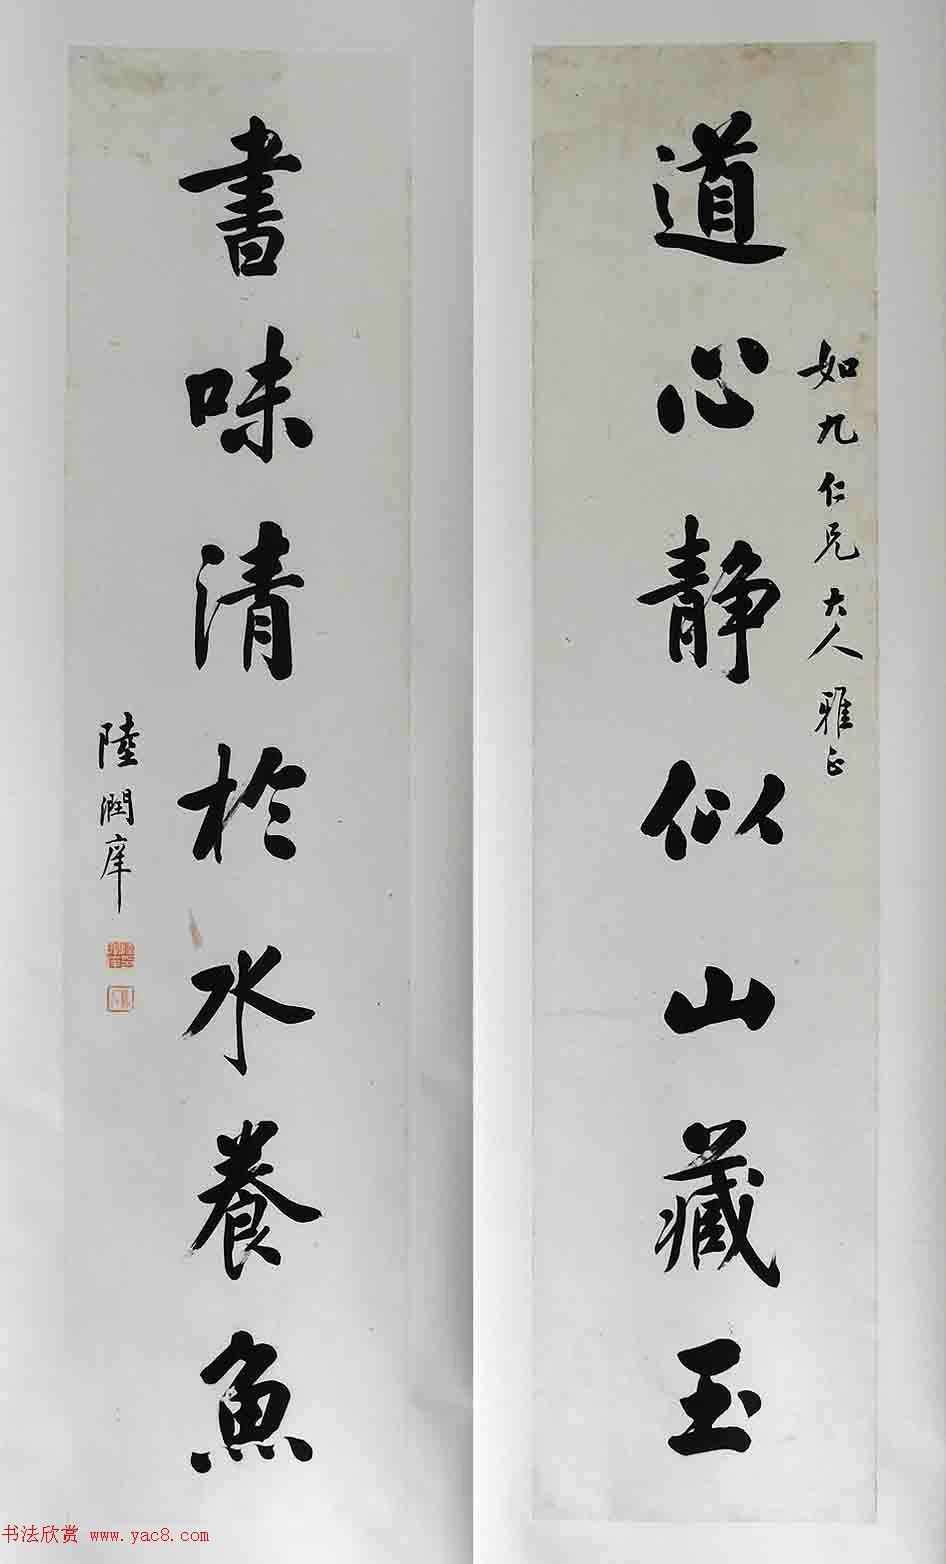 状元陆润庠行楷书法对联欣赏 第5页 书法专题 书法欣赏图片